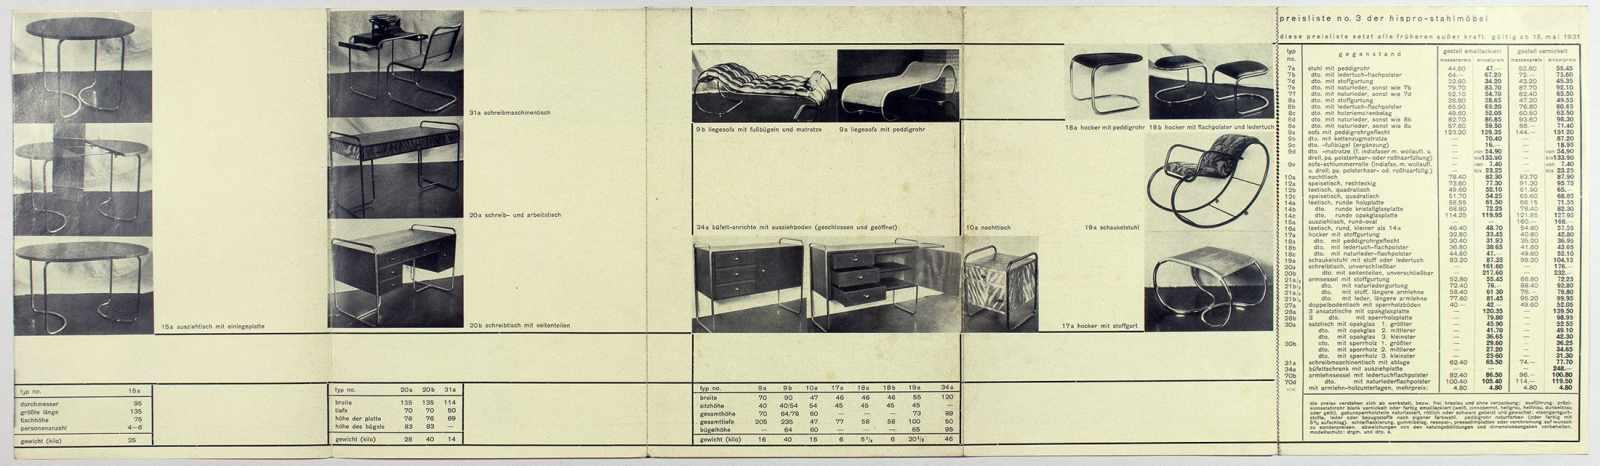 Bauhaus - Günter Hirschel-Protsch. Hispro-Stahlmöbel. Leporello mit 37 Abbildungen. 21 : 14,8 ( - Image 3 of 4